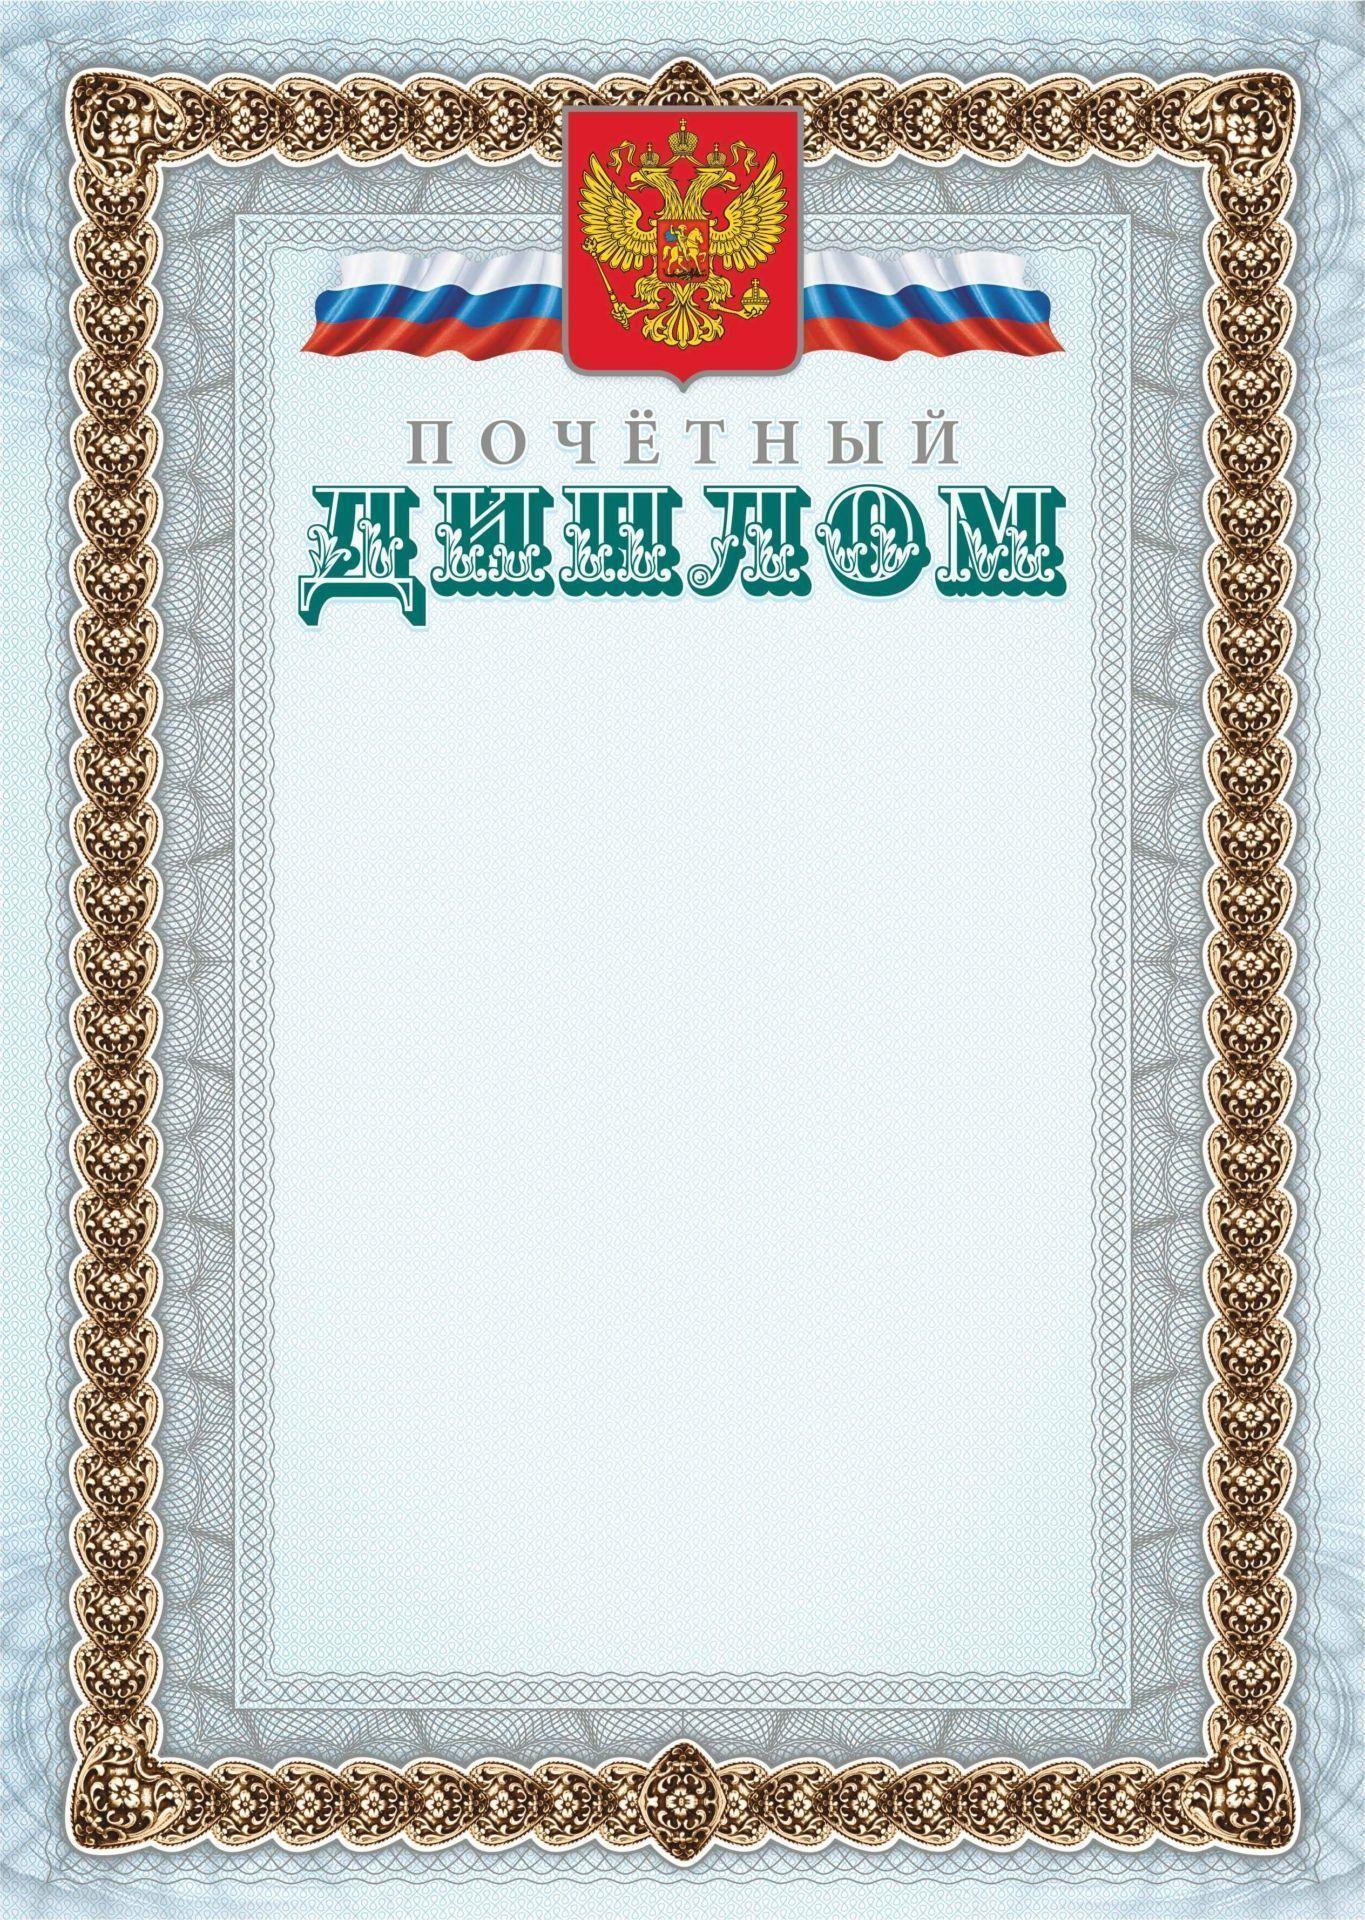 Почётный диплом (серебро)Общего назначения<br>Материалы:на обложку - бумага мелованная, пл. 250.00.<br><br>Год: 2017<br>Высота: 297<br>Ширина: 210